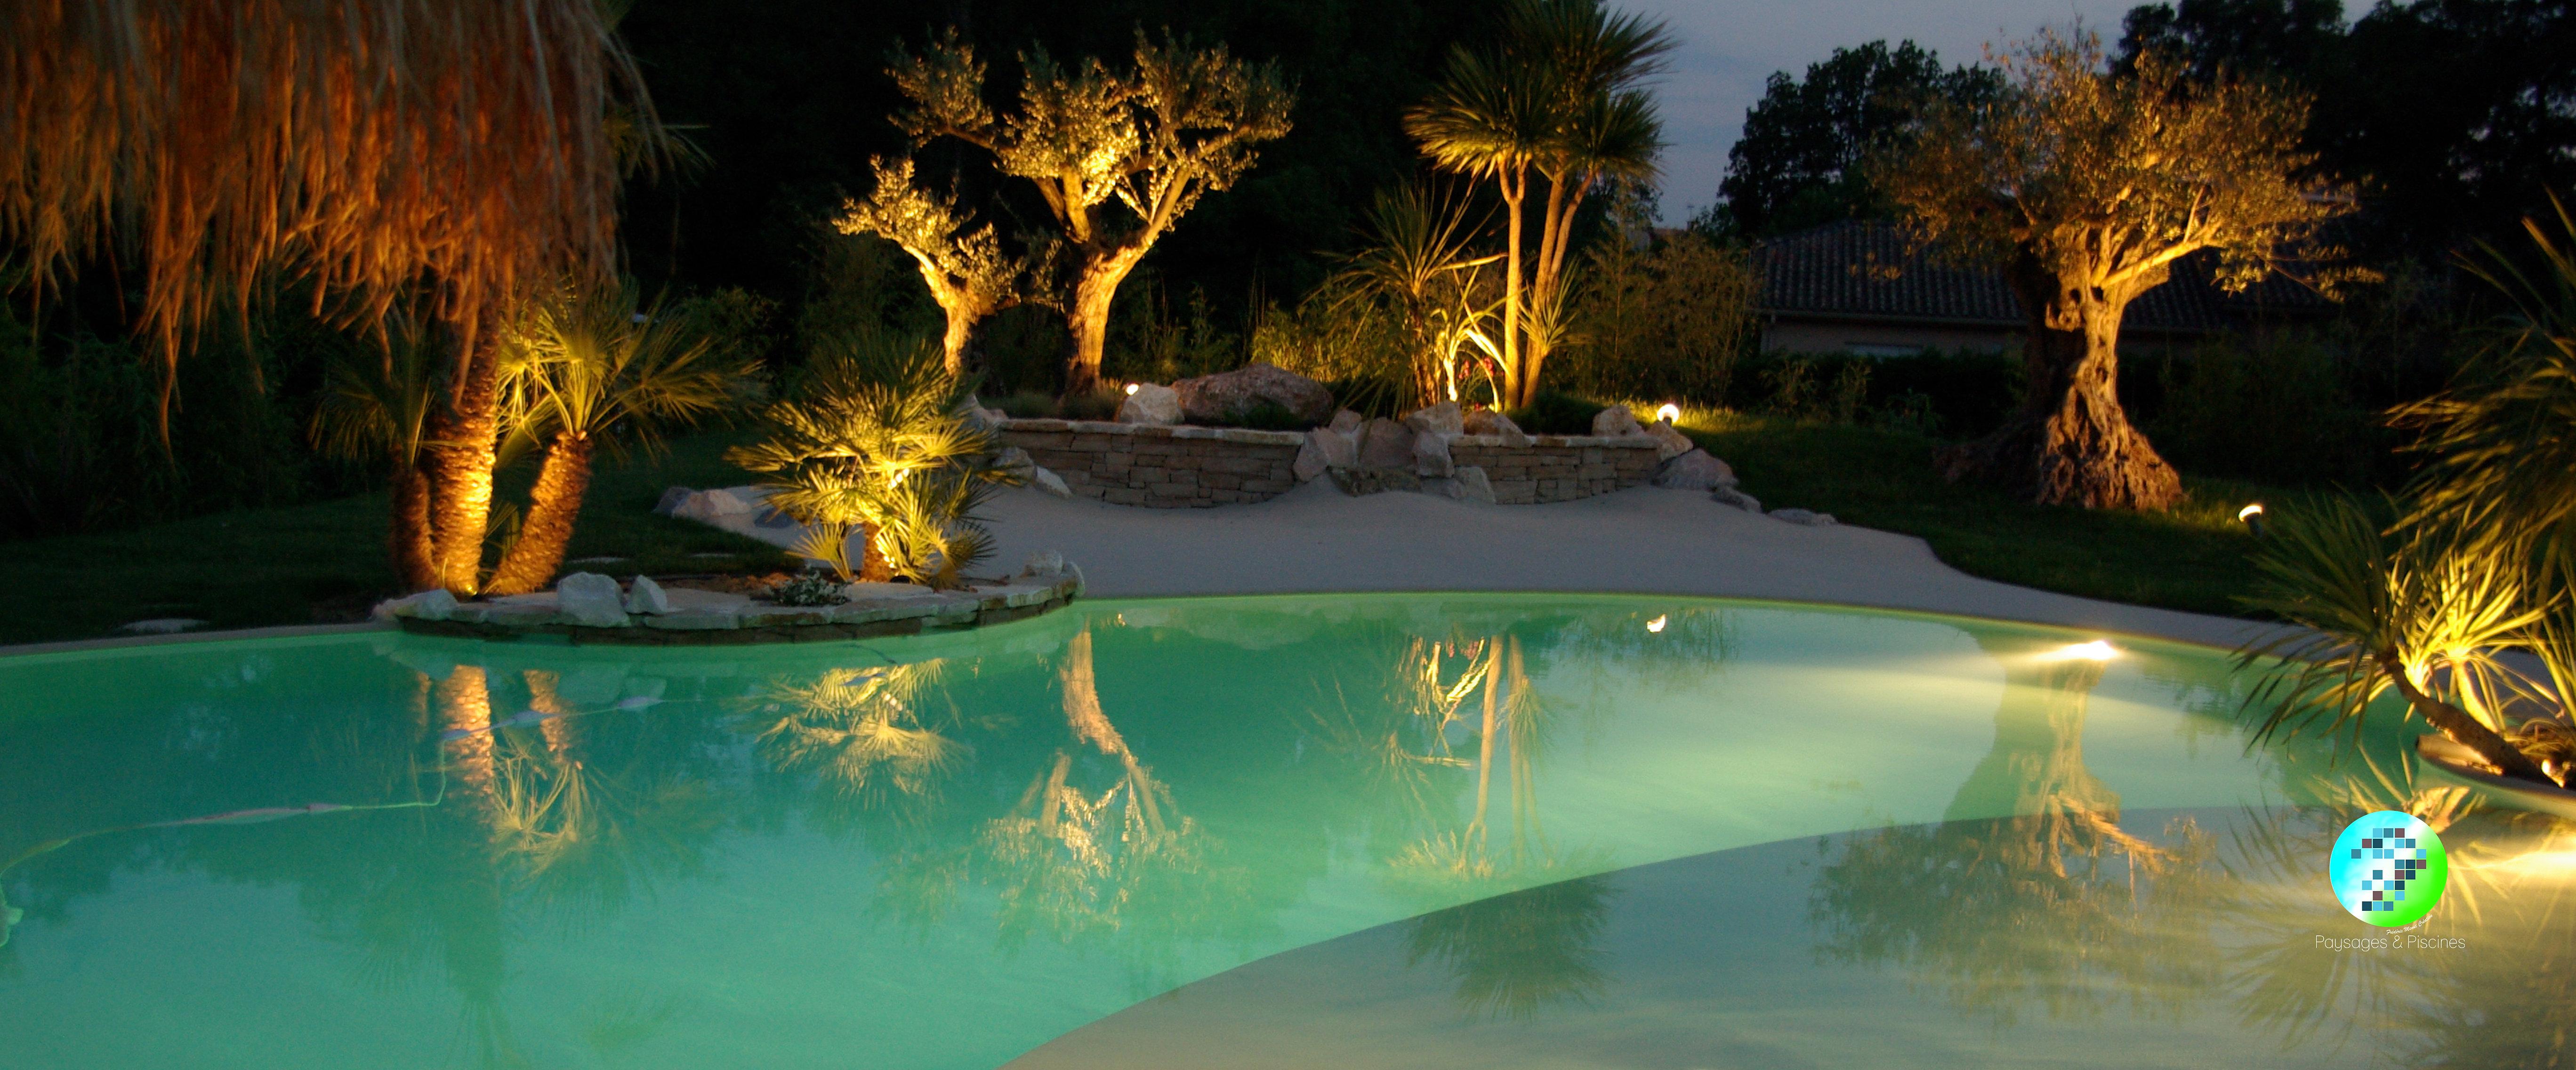 Paysages et piscines paysagiste lyon accueil eclairage for Piscine 3 05 x 1 22